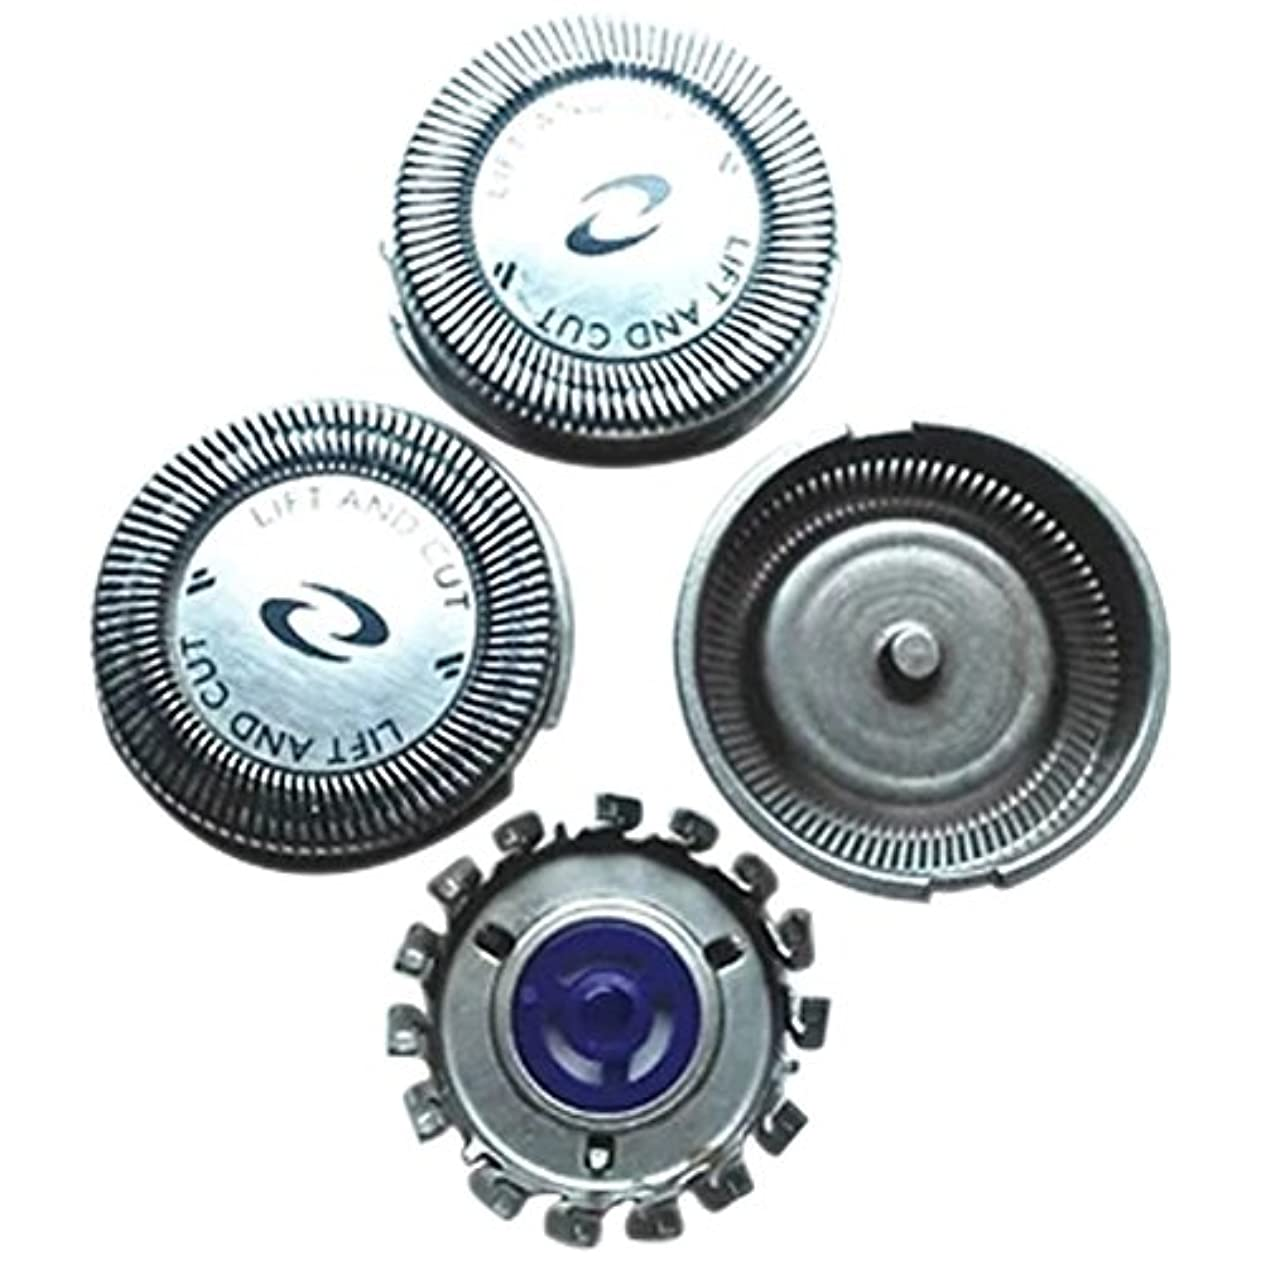 ドキドキ完璧ドラマXinvision 置換 シェーバー かみそり 頭 刃 for Philips HQ30 HQ40 HQ56 PQ182 PQ202 YS500